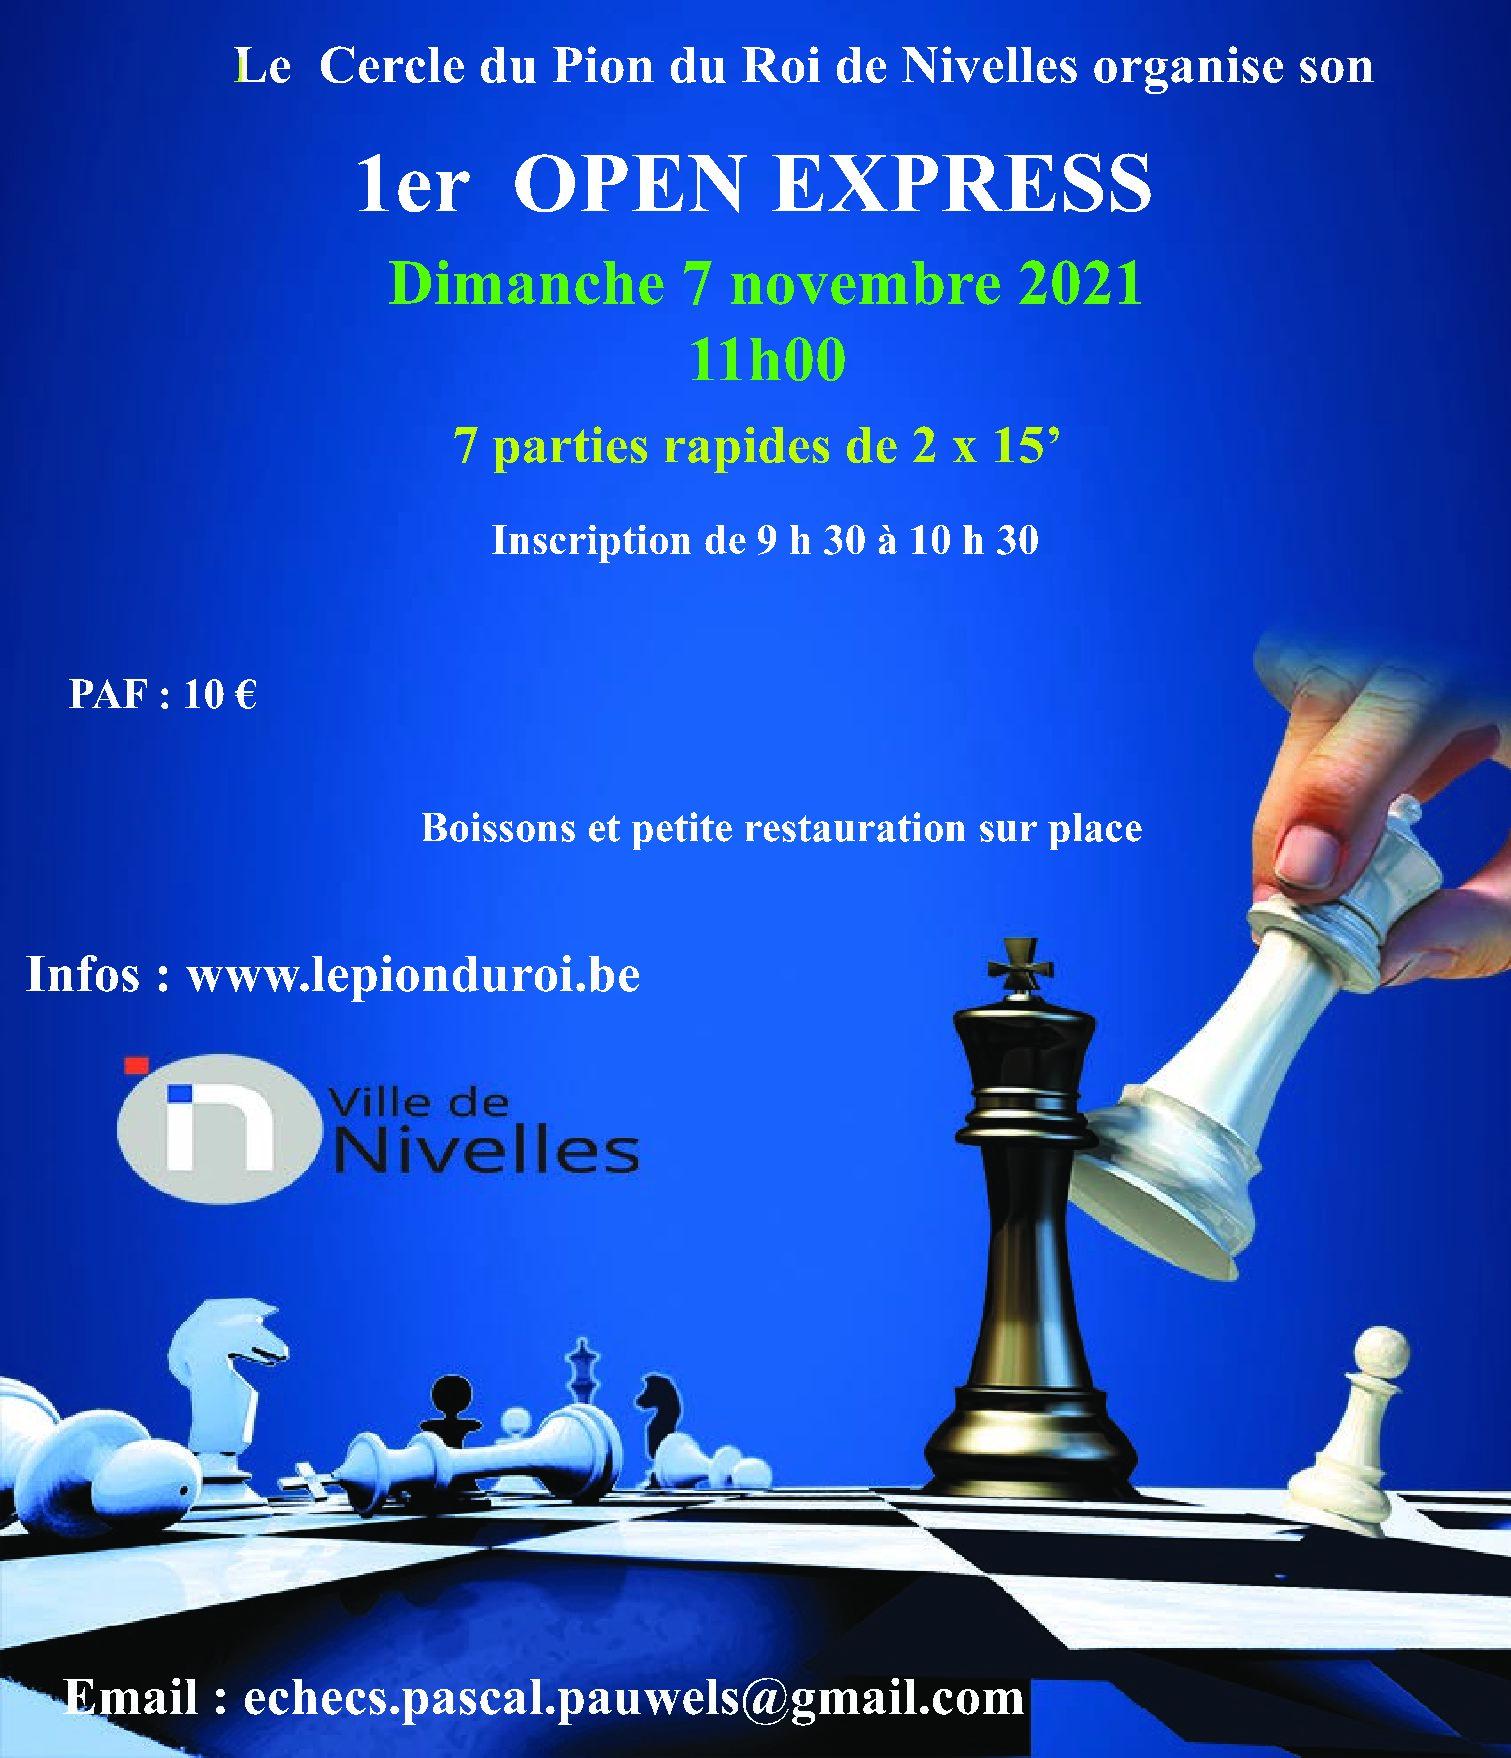 Open Express du Pion du Roi du 07 novembre 2021